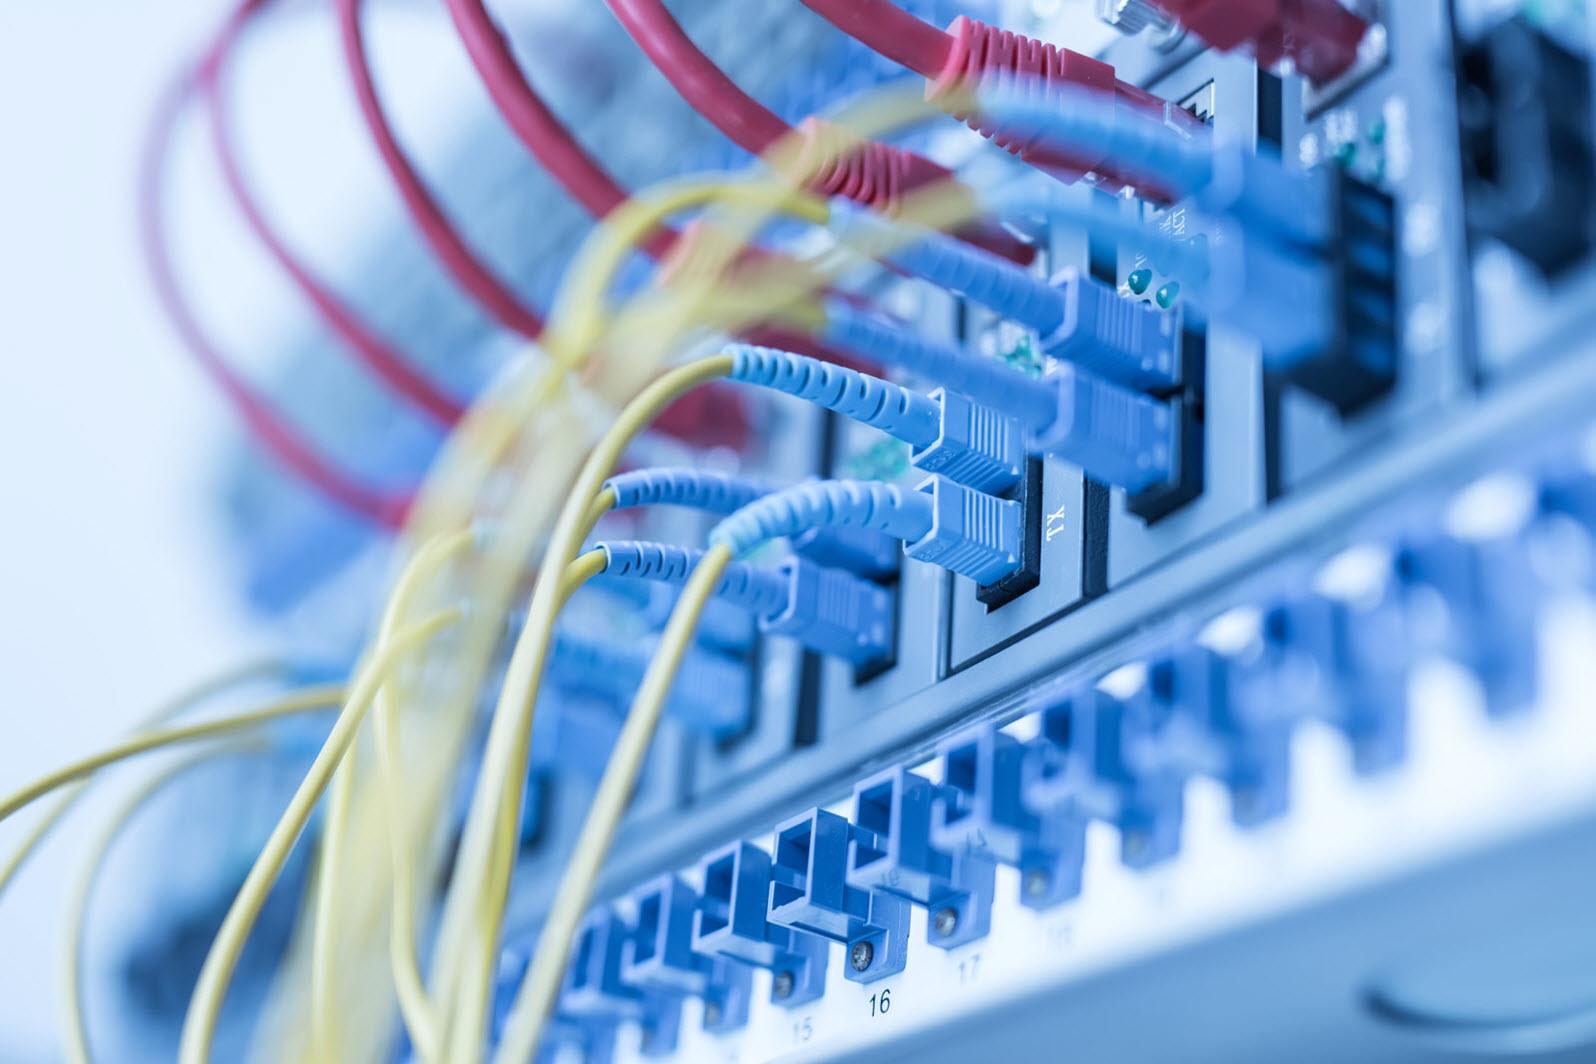 Рынок телекоммуникаций в 2018 году получил рекордный рост за последние 5 лет